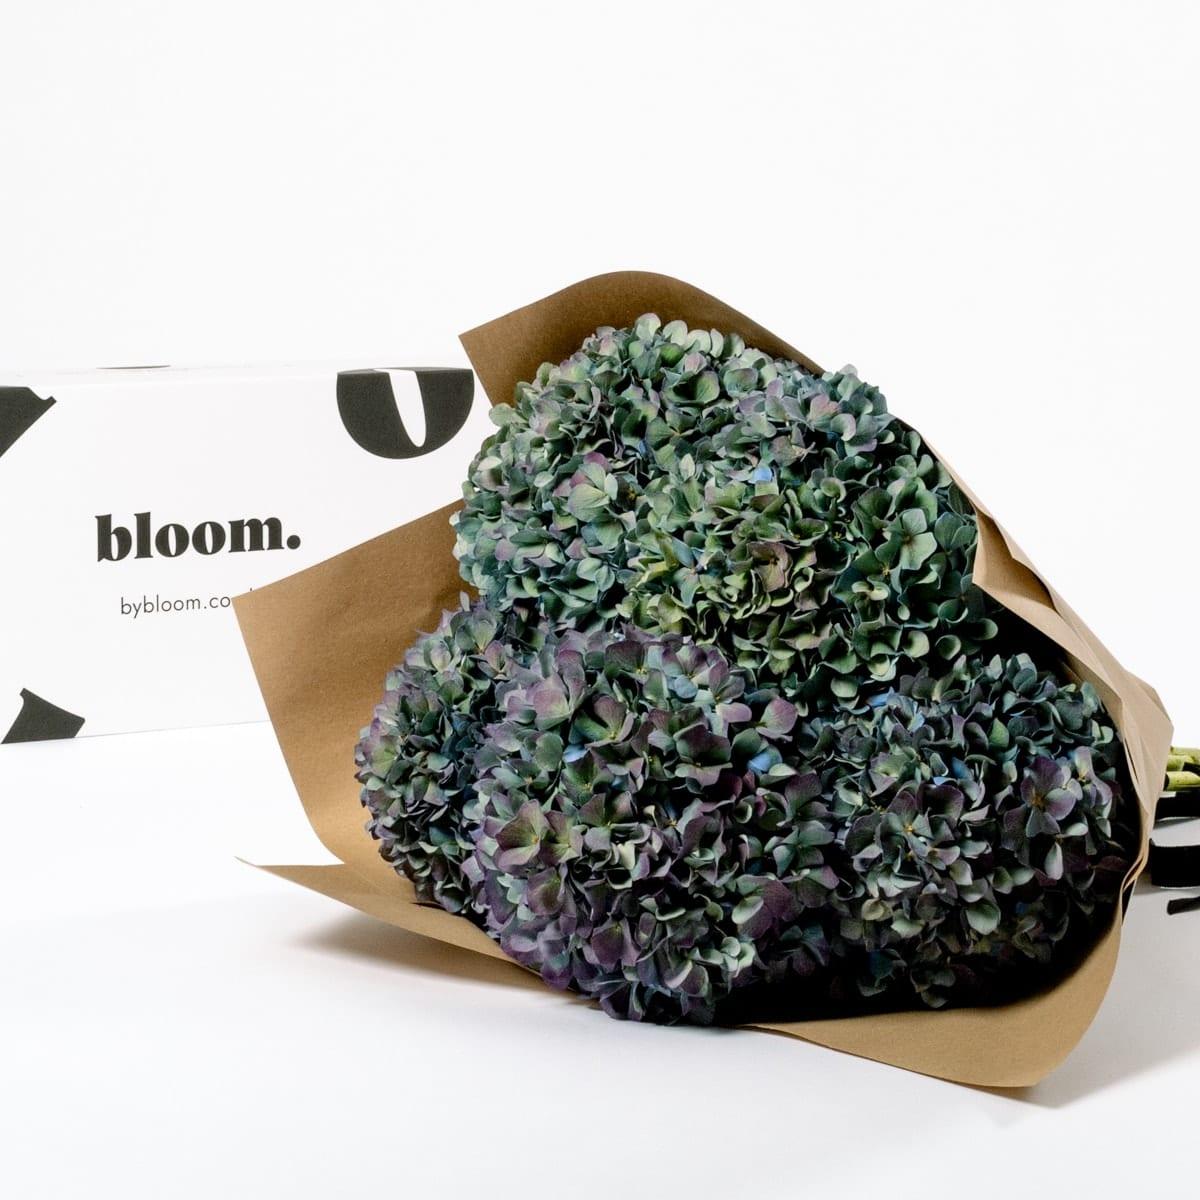 Bloom Flower Delivery | Winter Sky Blue Hydrangea